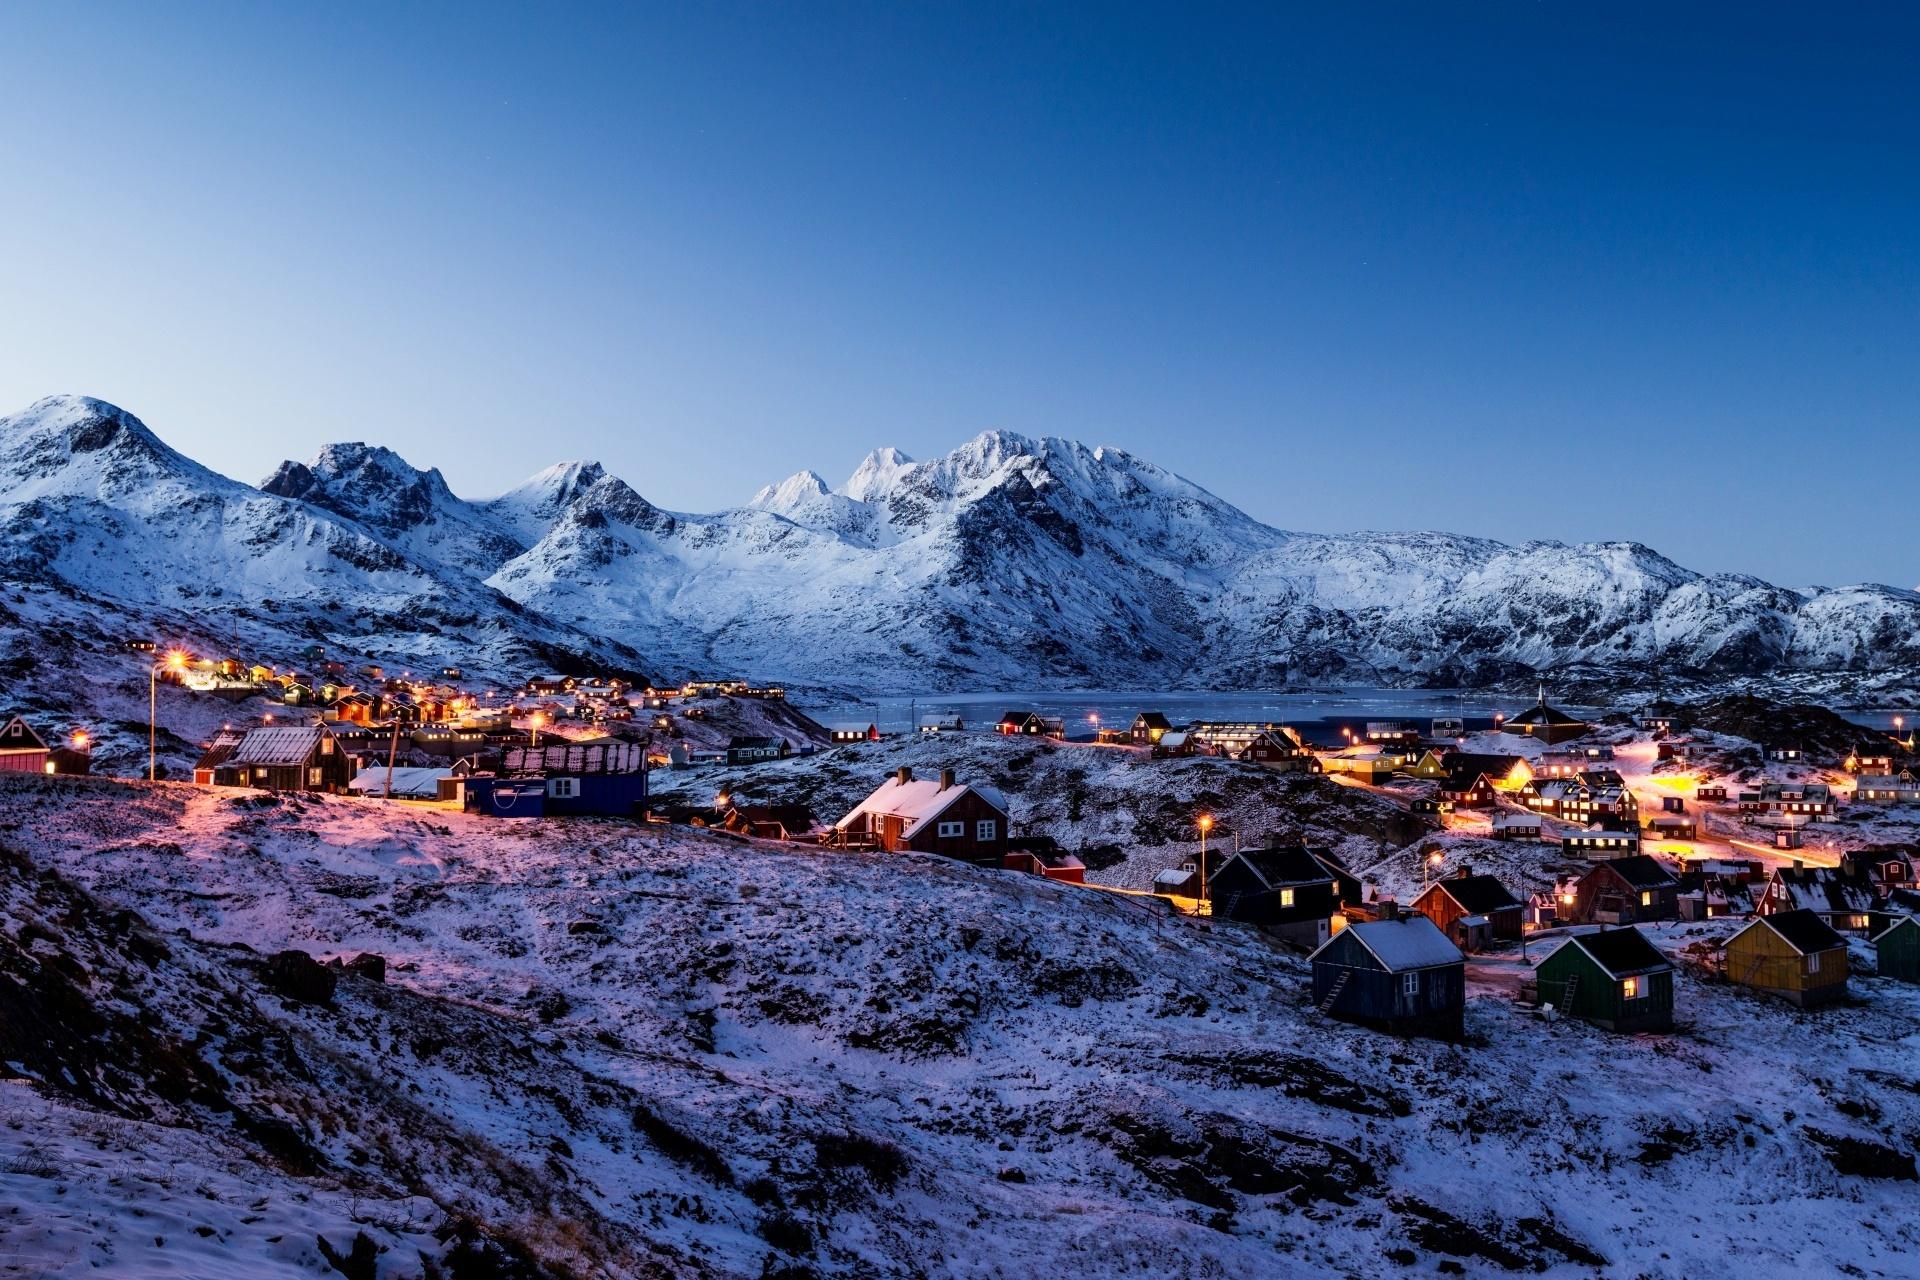 夕暮れのグリーンランド グリーンランドの風景